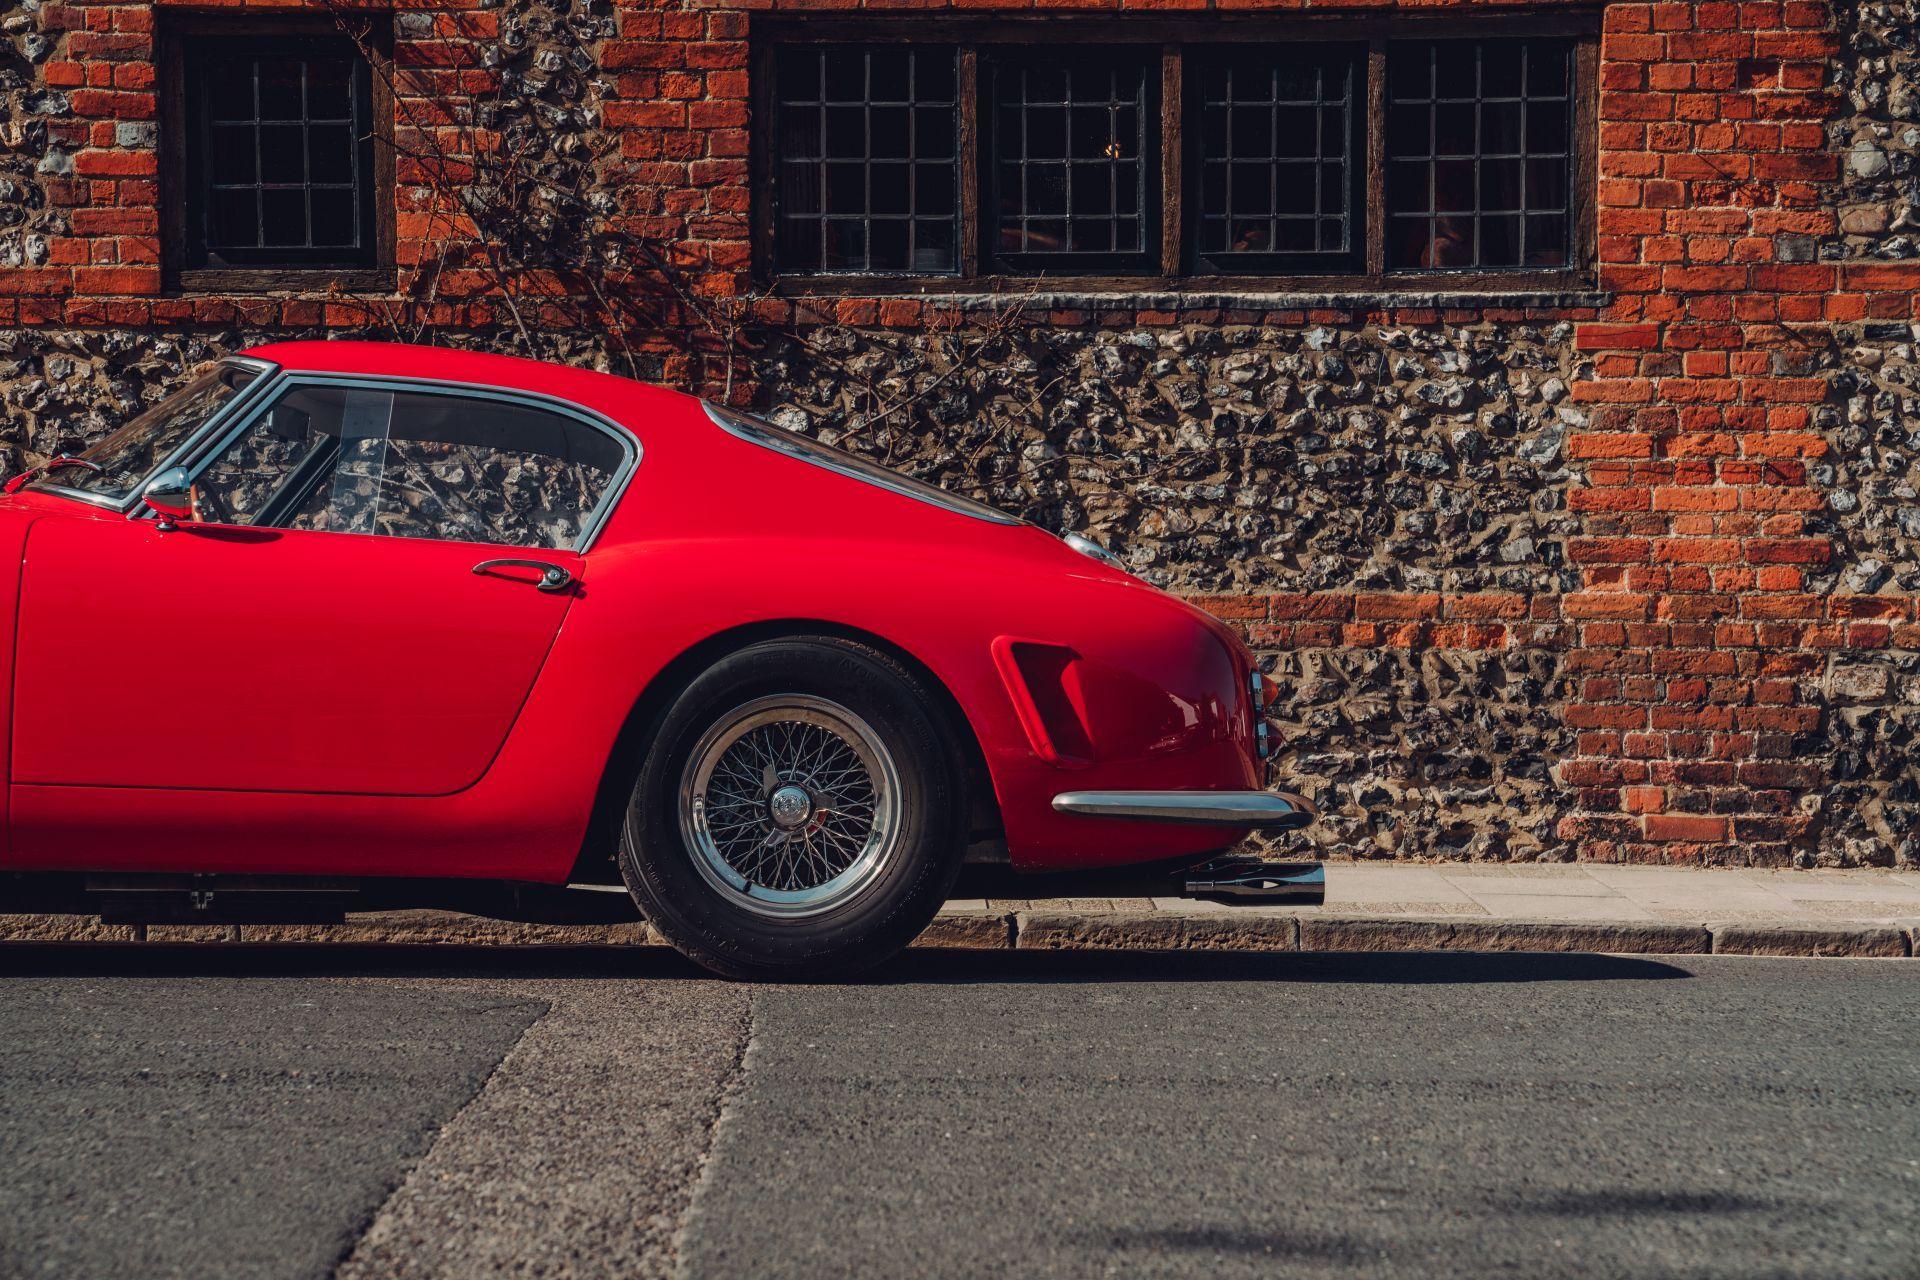 Ferrari-250-GT-SWB-Berlinetta-Competizione-Revival-by-GTO-Engineering-44